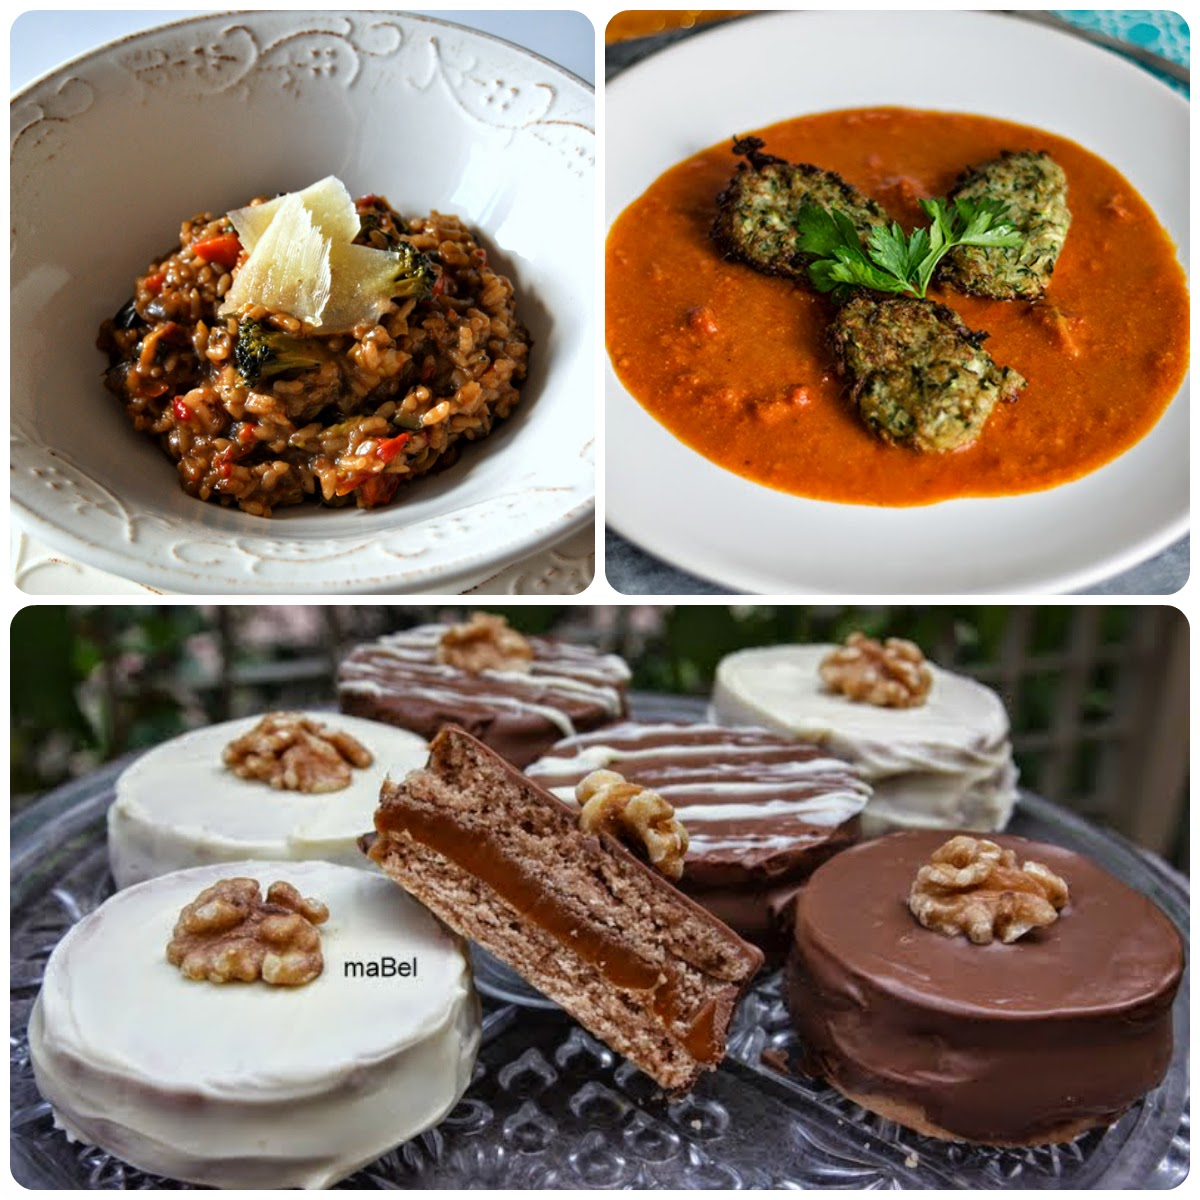 Platos del 14 Menú vegetariano con recetas de otros blogs.